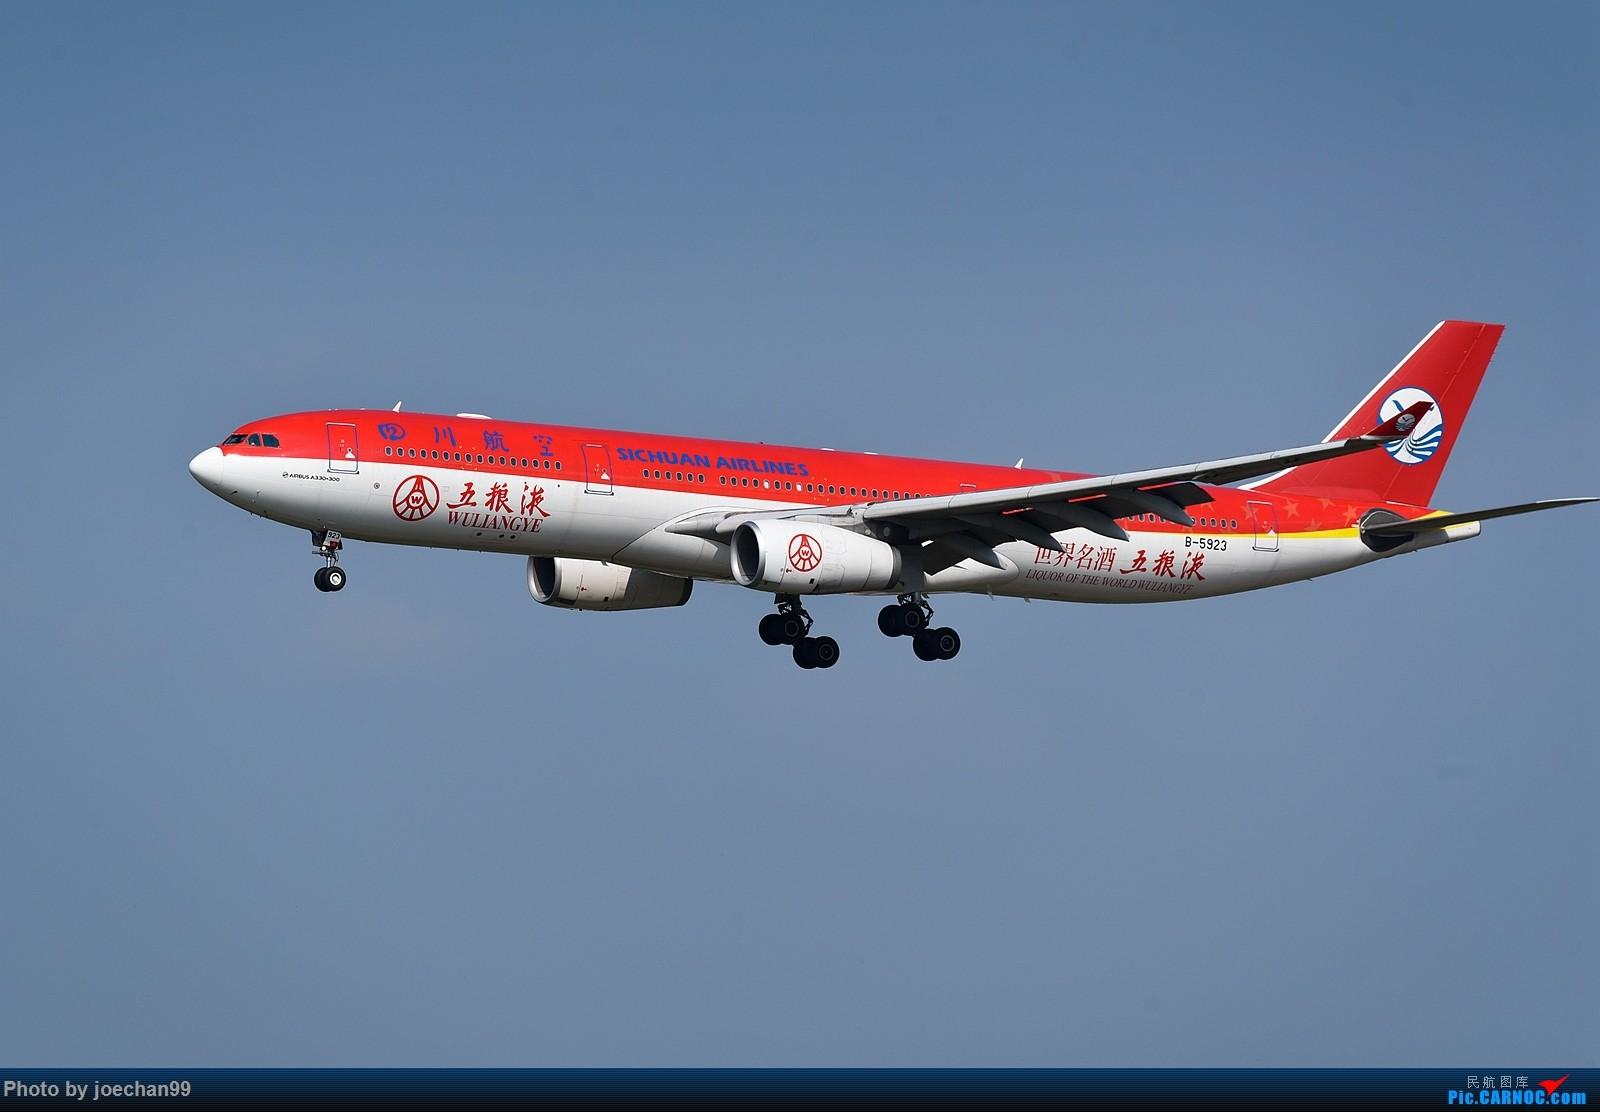 [原创]TAO偶遇川航五粮液号、吉祥航空全红彩绘机 AIRBUS A330-300 B-5923 中国青岛流亭国际机场